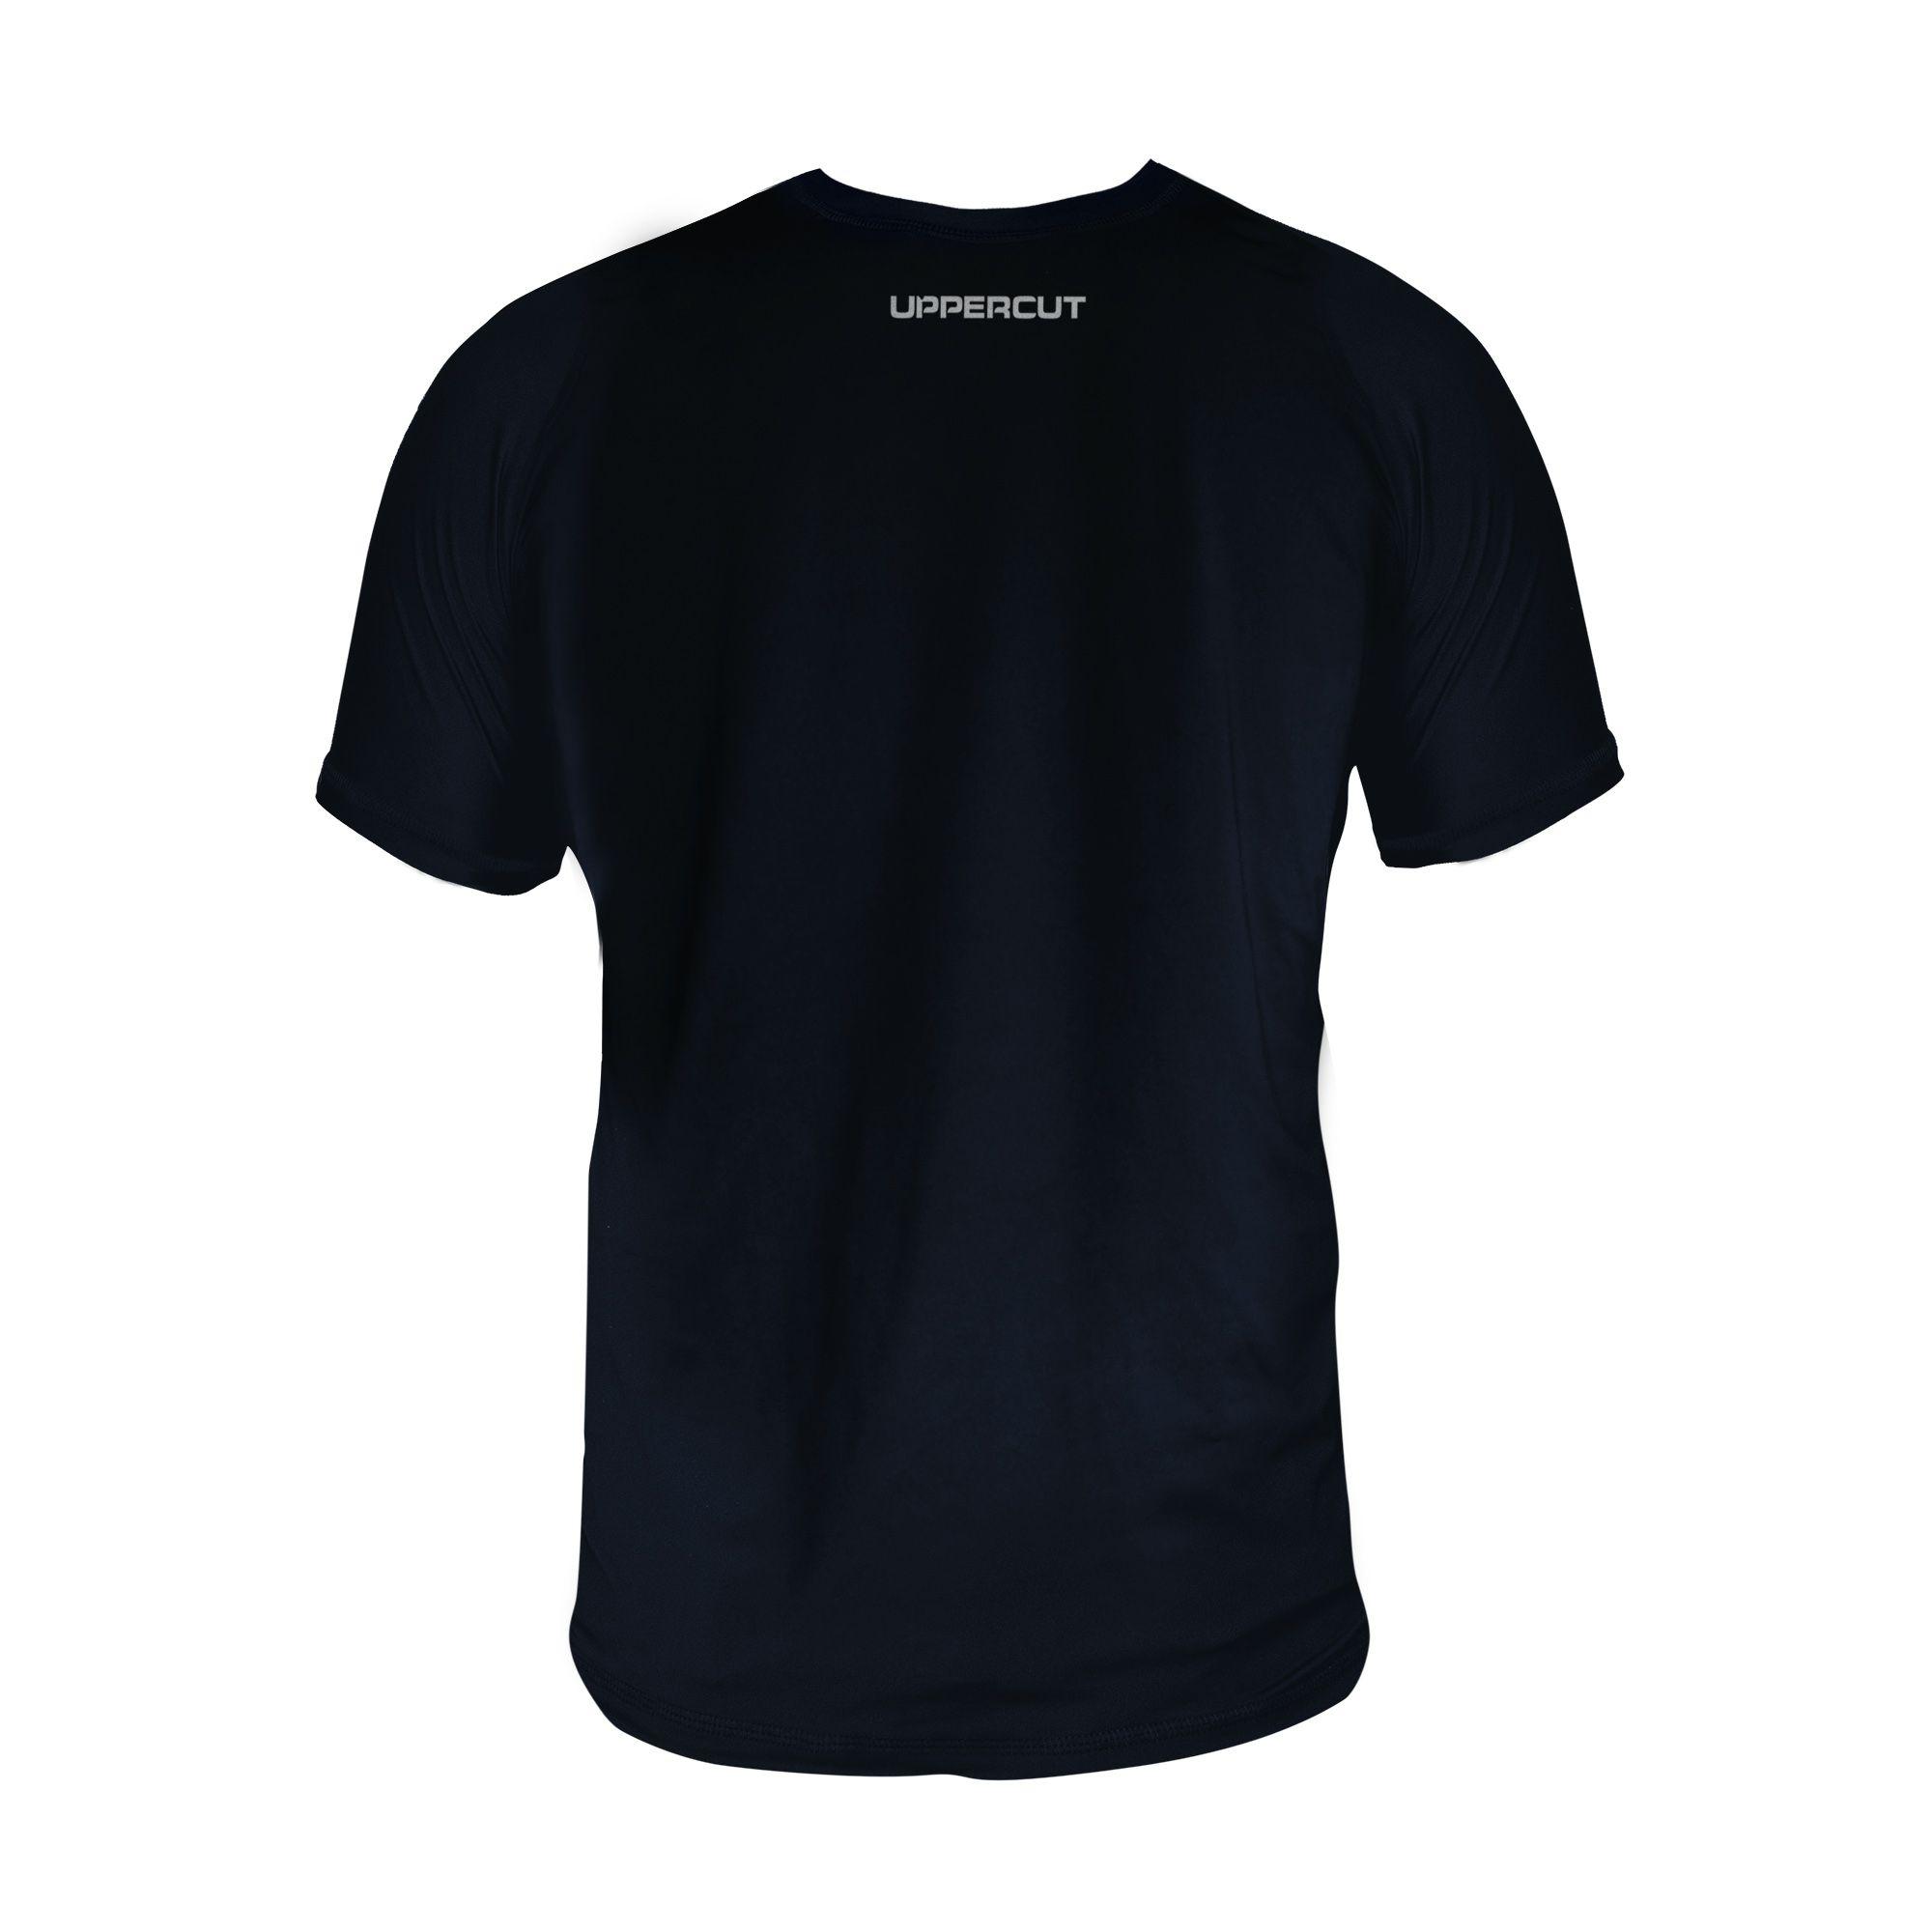 Camisa  Jiu-Jitsu Raspagem Uppercut Dry U.v